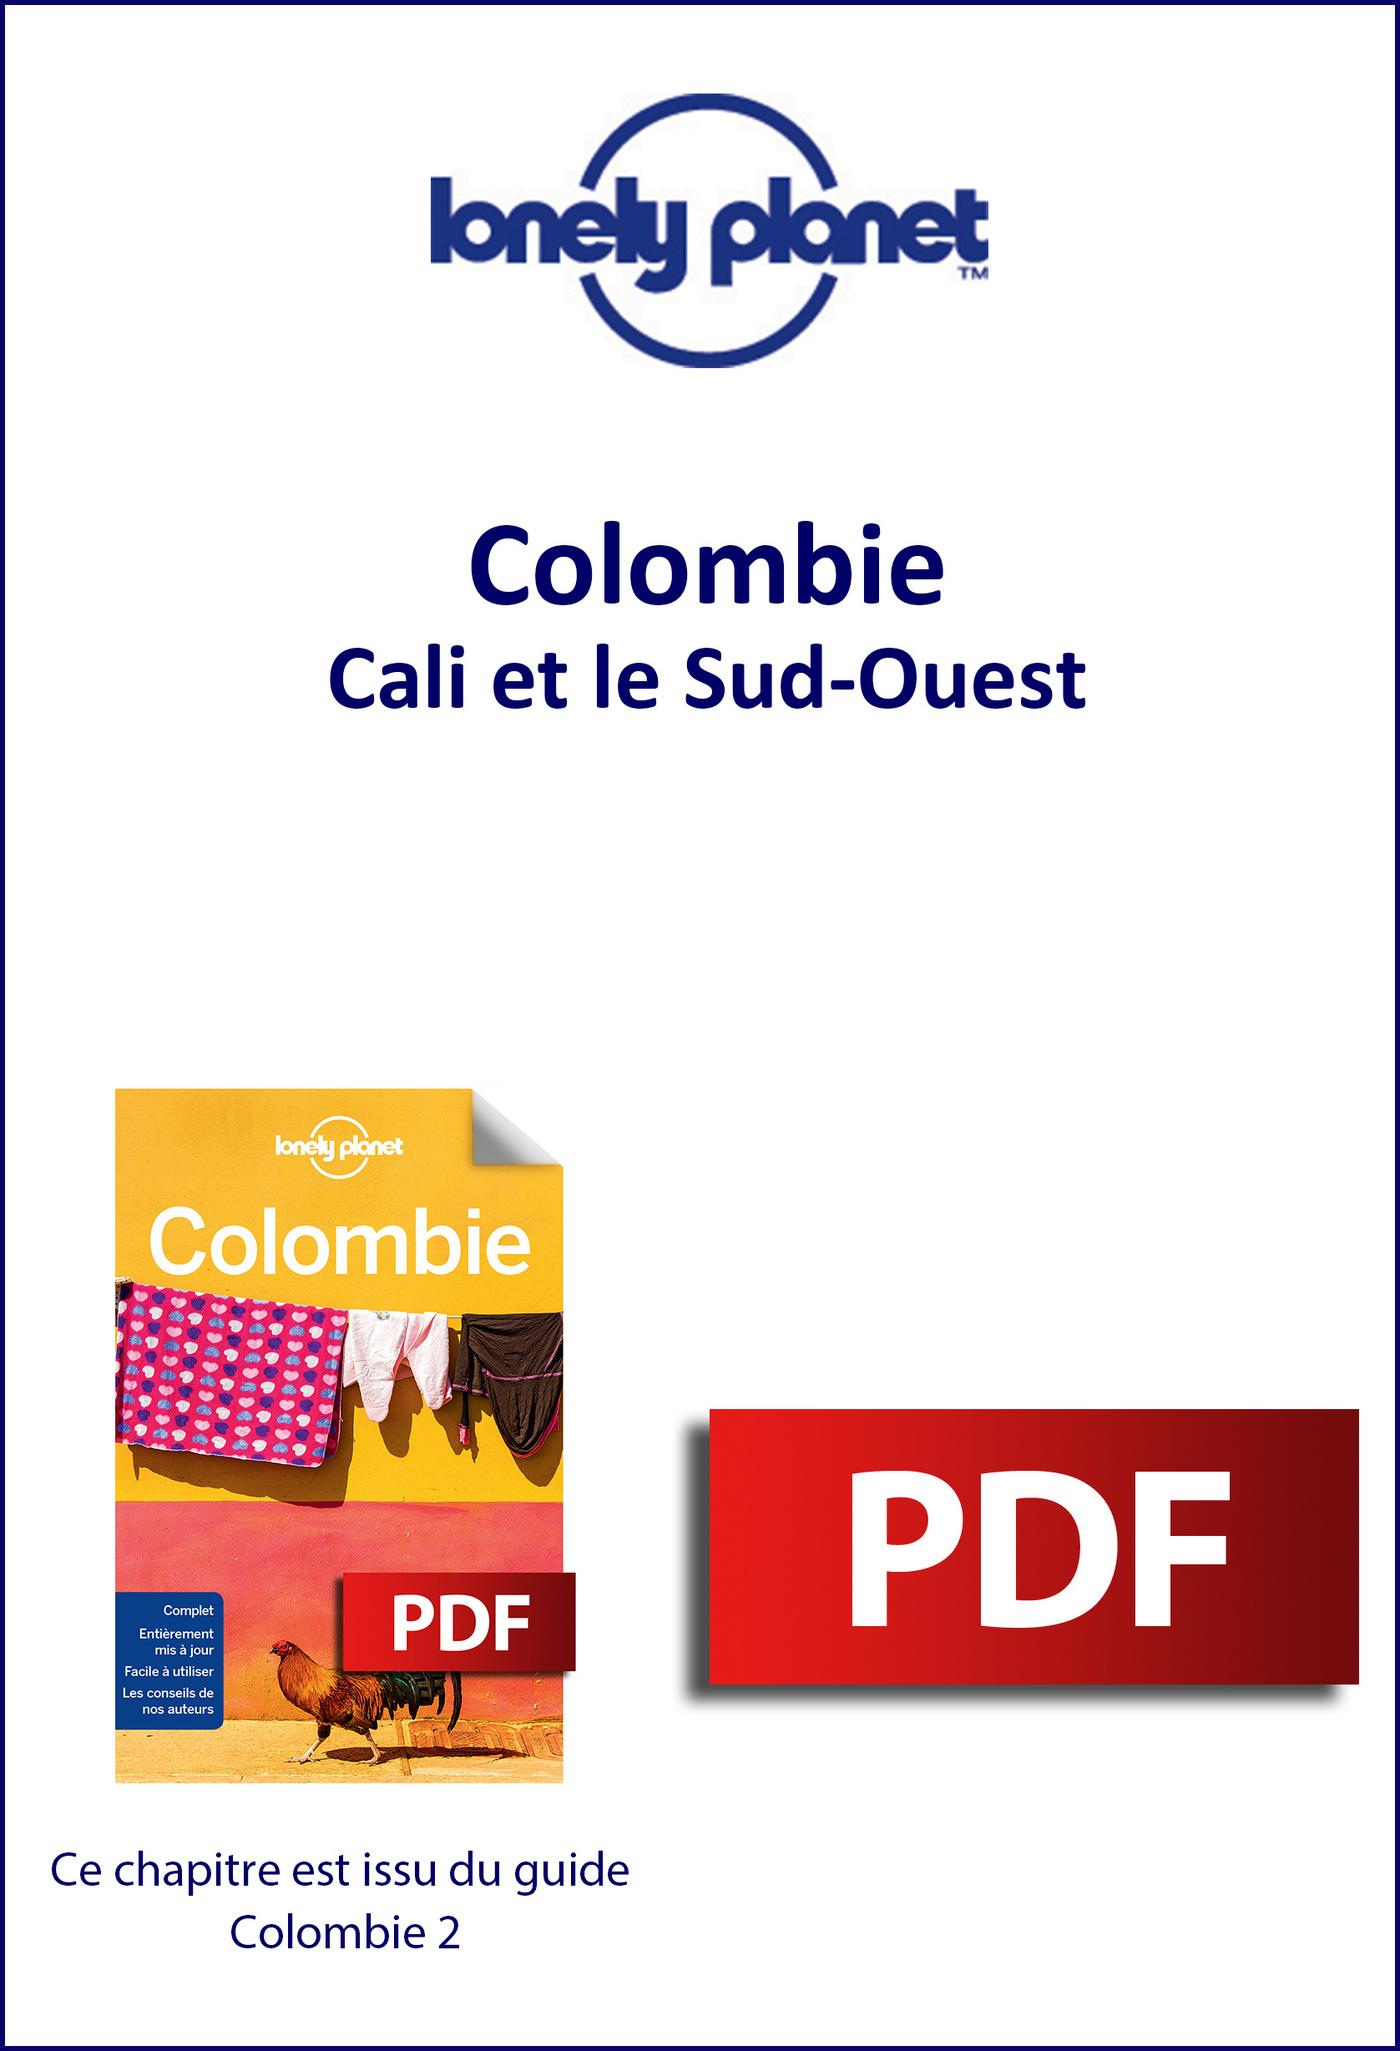 Colombie - Cali et le Sud-Ouest